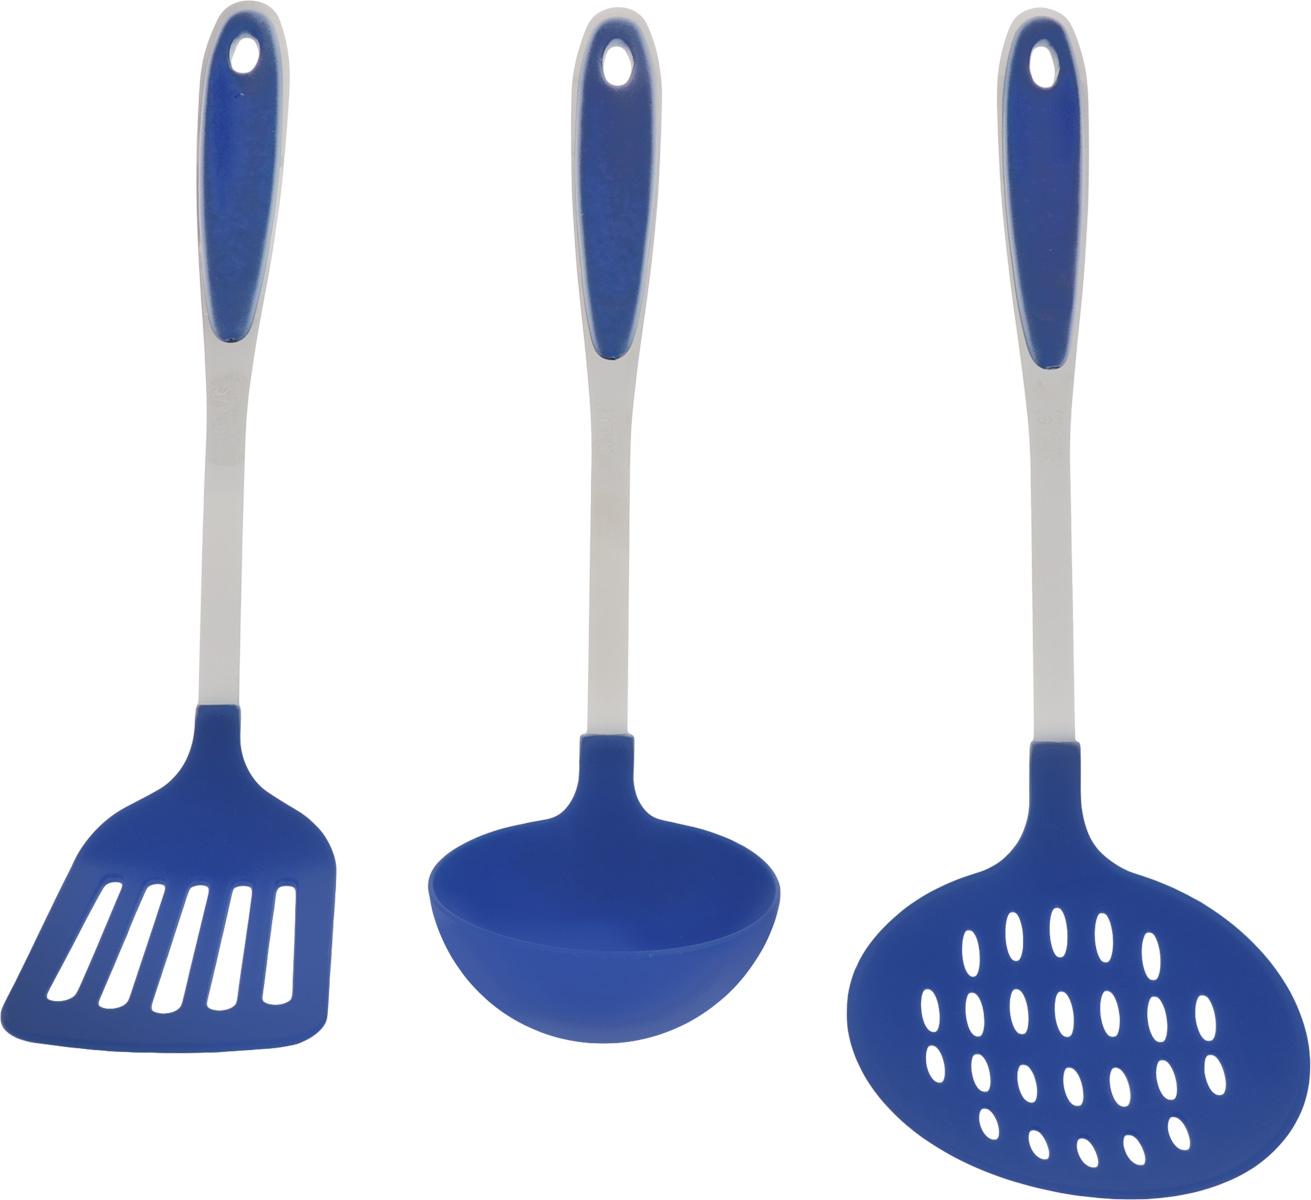 Набор кухонных принадлежностей Calve, цвет: синий, 3 предметаCL-1362_синийНабор кухонных принадлежностей Calve состоит из шумовки, лопатки и половника, выполненных из нейлона. Изделия из этого материала идеально подходят для посуды с тефлоновым и керамическим антипригарным покрытием. В ручках имеются специальные отверстия для удобного подвешивания. Этот профессиональный набор очень удобен в использовании. Он займет достойное место среди кухонного инвентаря. Размер рабочей поверхности шумовки: 11 х 11 см. Длина шумовки: 35 см. Размер рабочей поверхности лопатки: 10 х 8 см. Длина лопатки: 33 см. Размер рабочей поверхности половника: 9 х 9 х 3,5 см. Длина половника: 30 см.